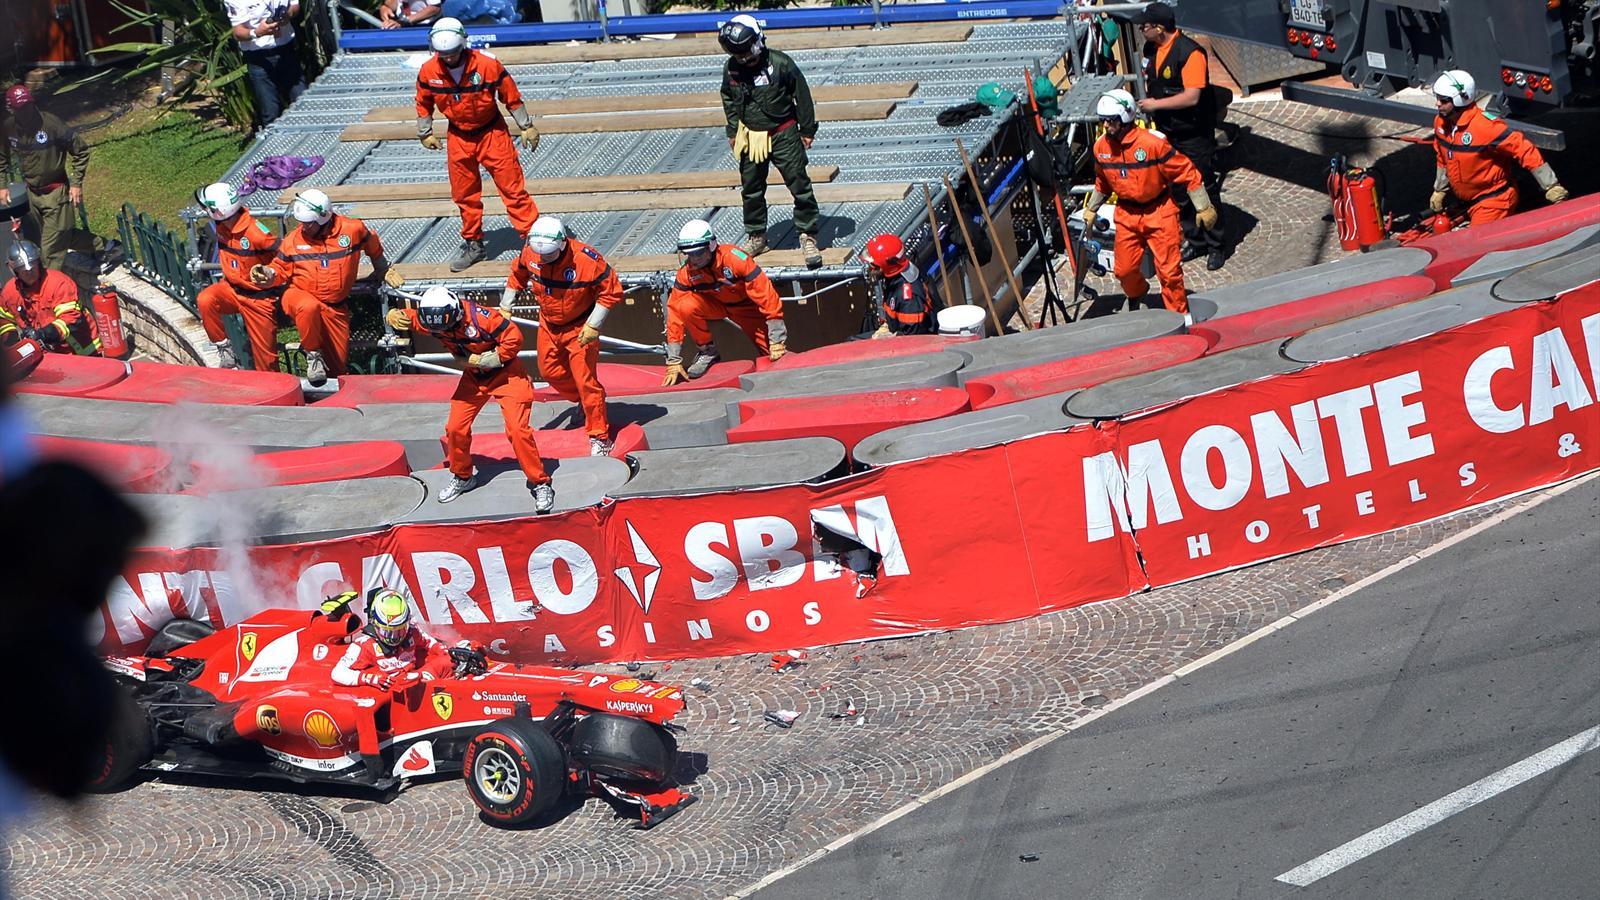 Spécial Sebastian Vettel (Formule un) - Page 19 1017220-19125258-1600-900